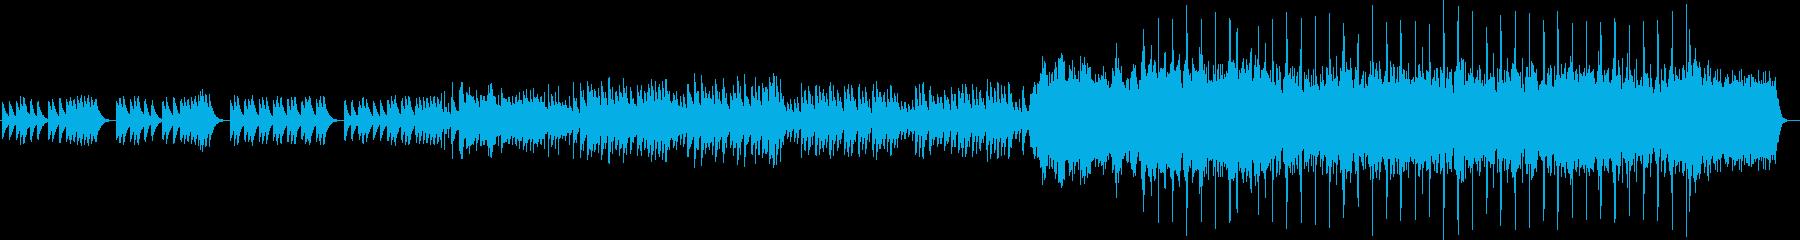 オルゴール中心のアンサンブルの再生済みの波形